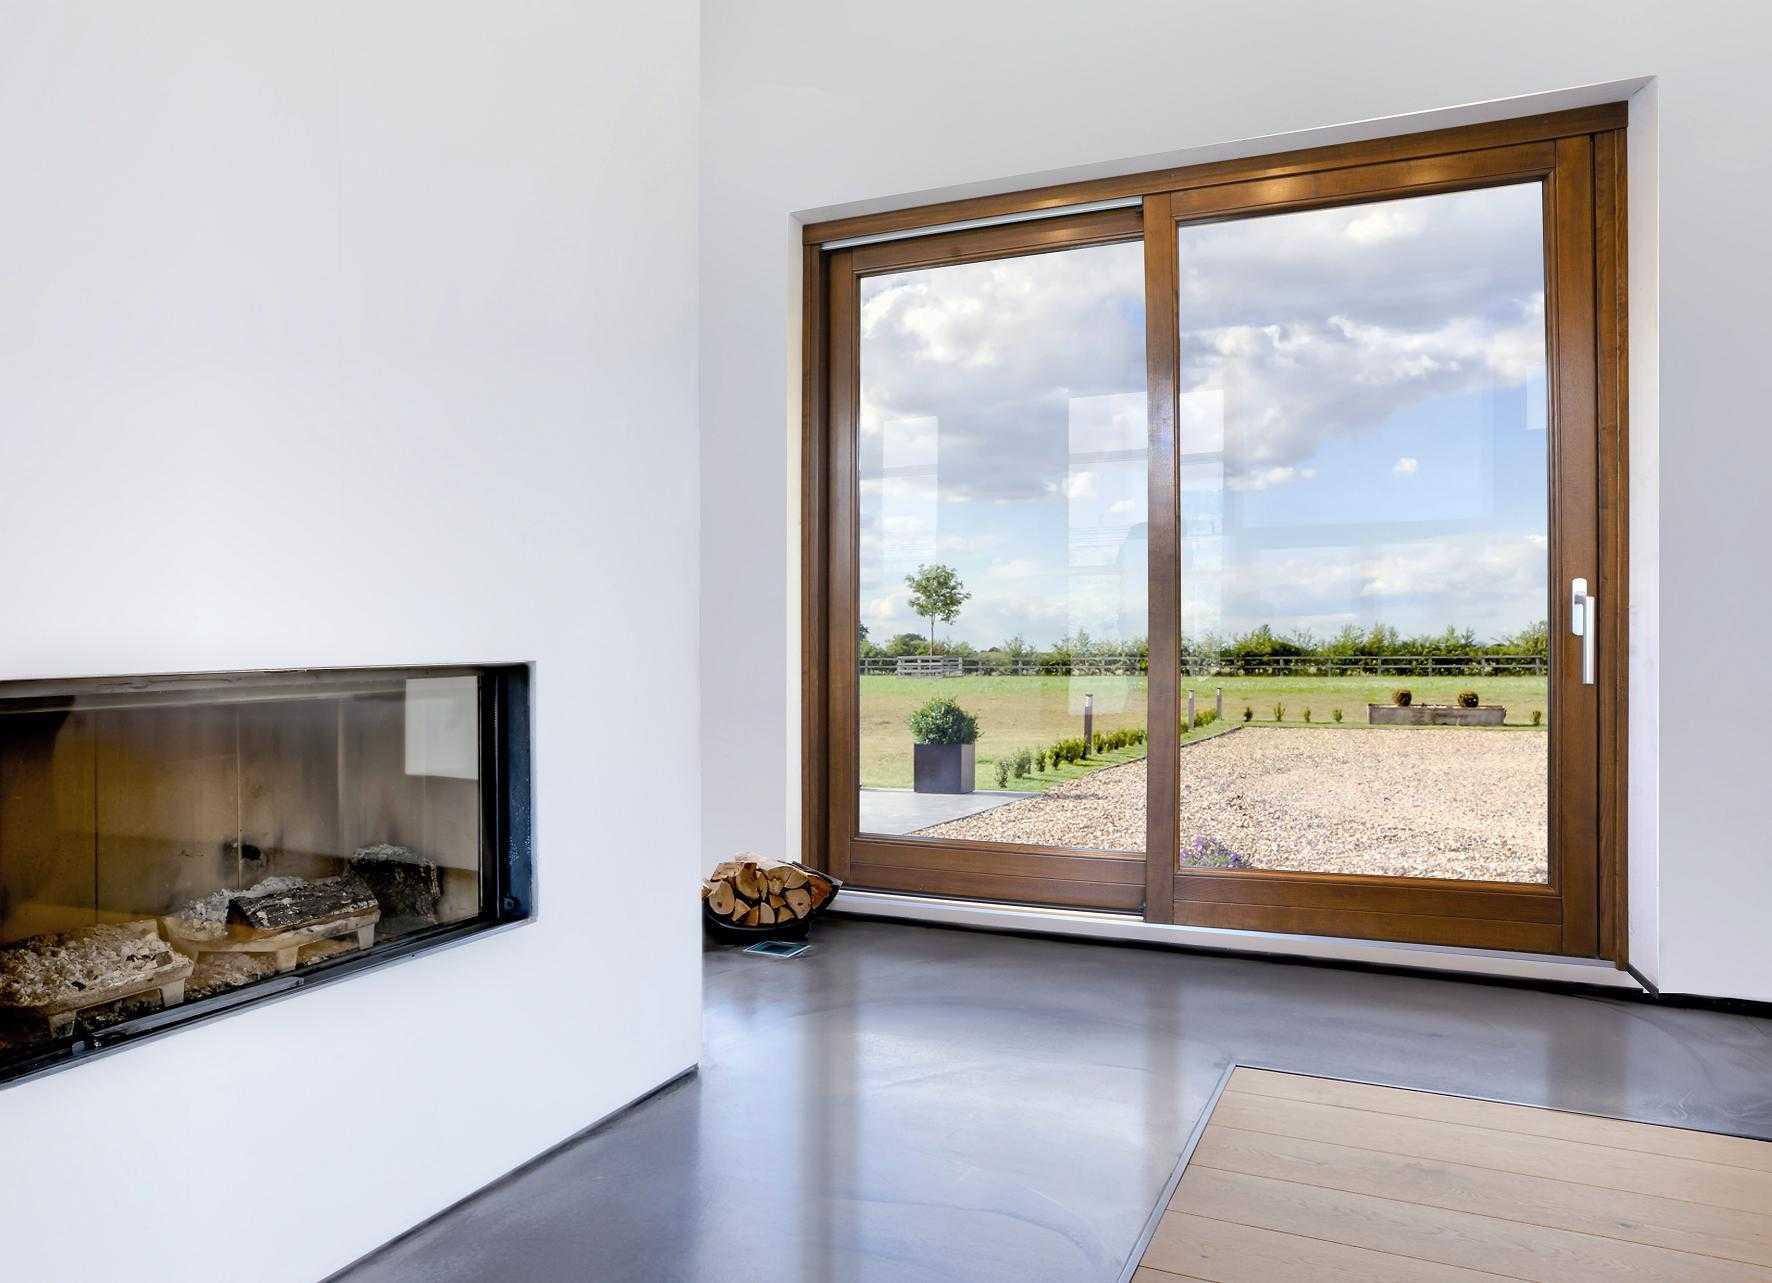 Finiture casa pavimenti rivestimenti infissi per la casa for Infissi velux prezzi